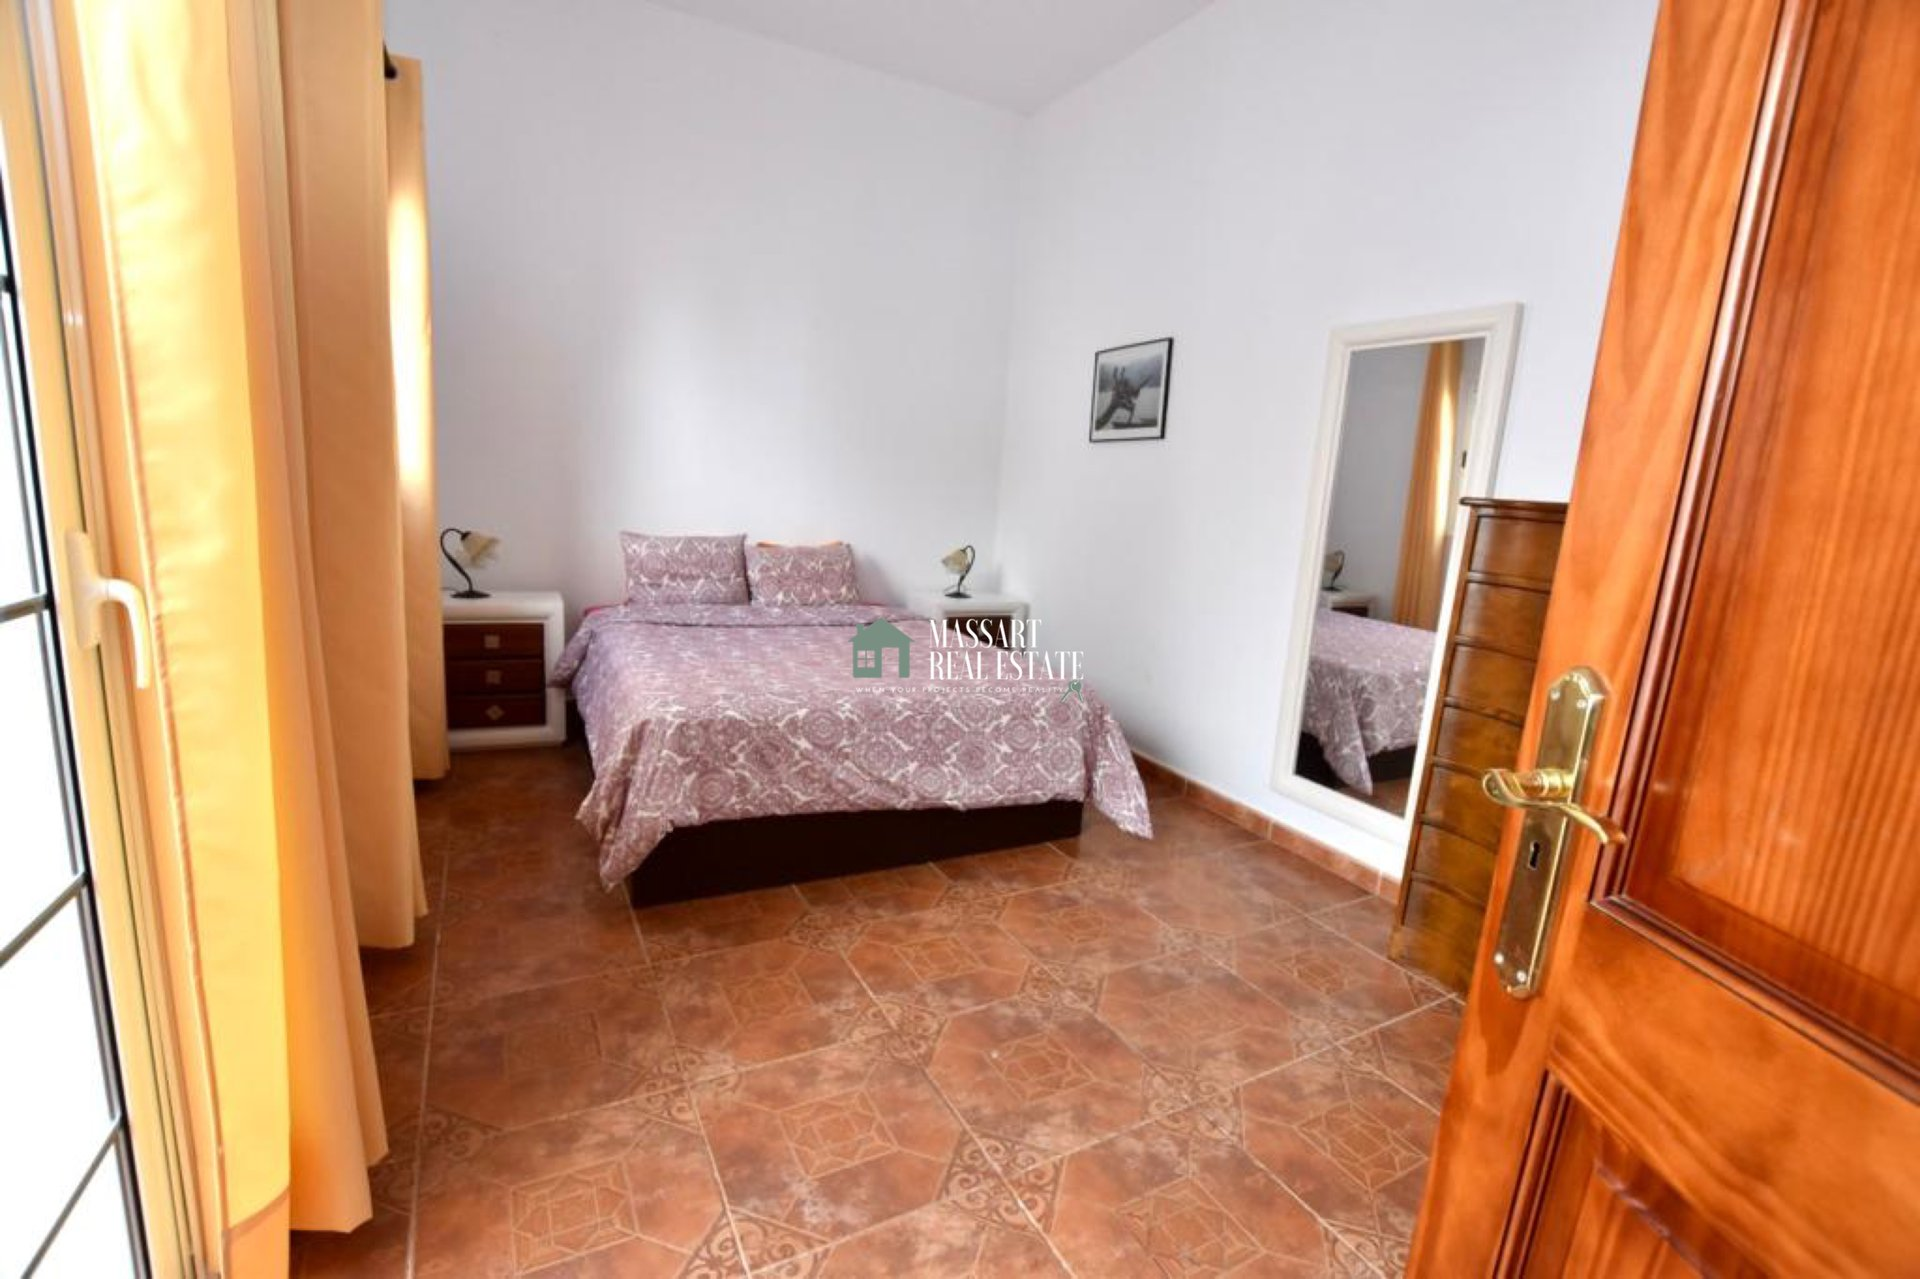 We presenteren u vandaag deze complete en onafhankelijke woningen gelegen op een perceel van 700 m2 in een omgeving van absolute rust in Granadilla de Abona.